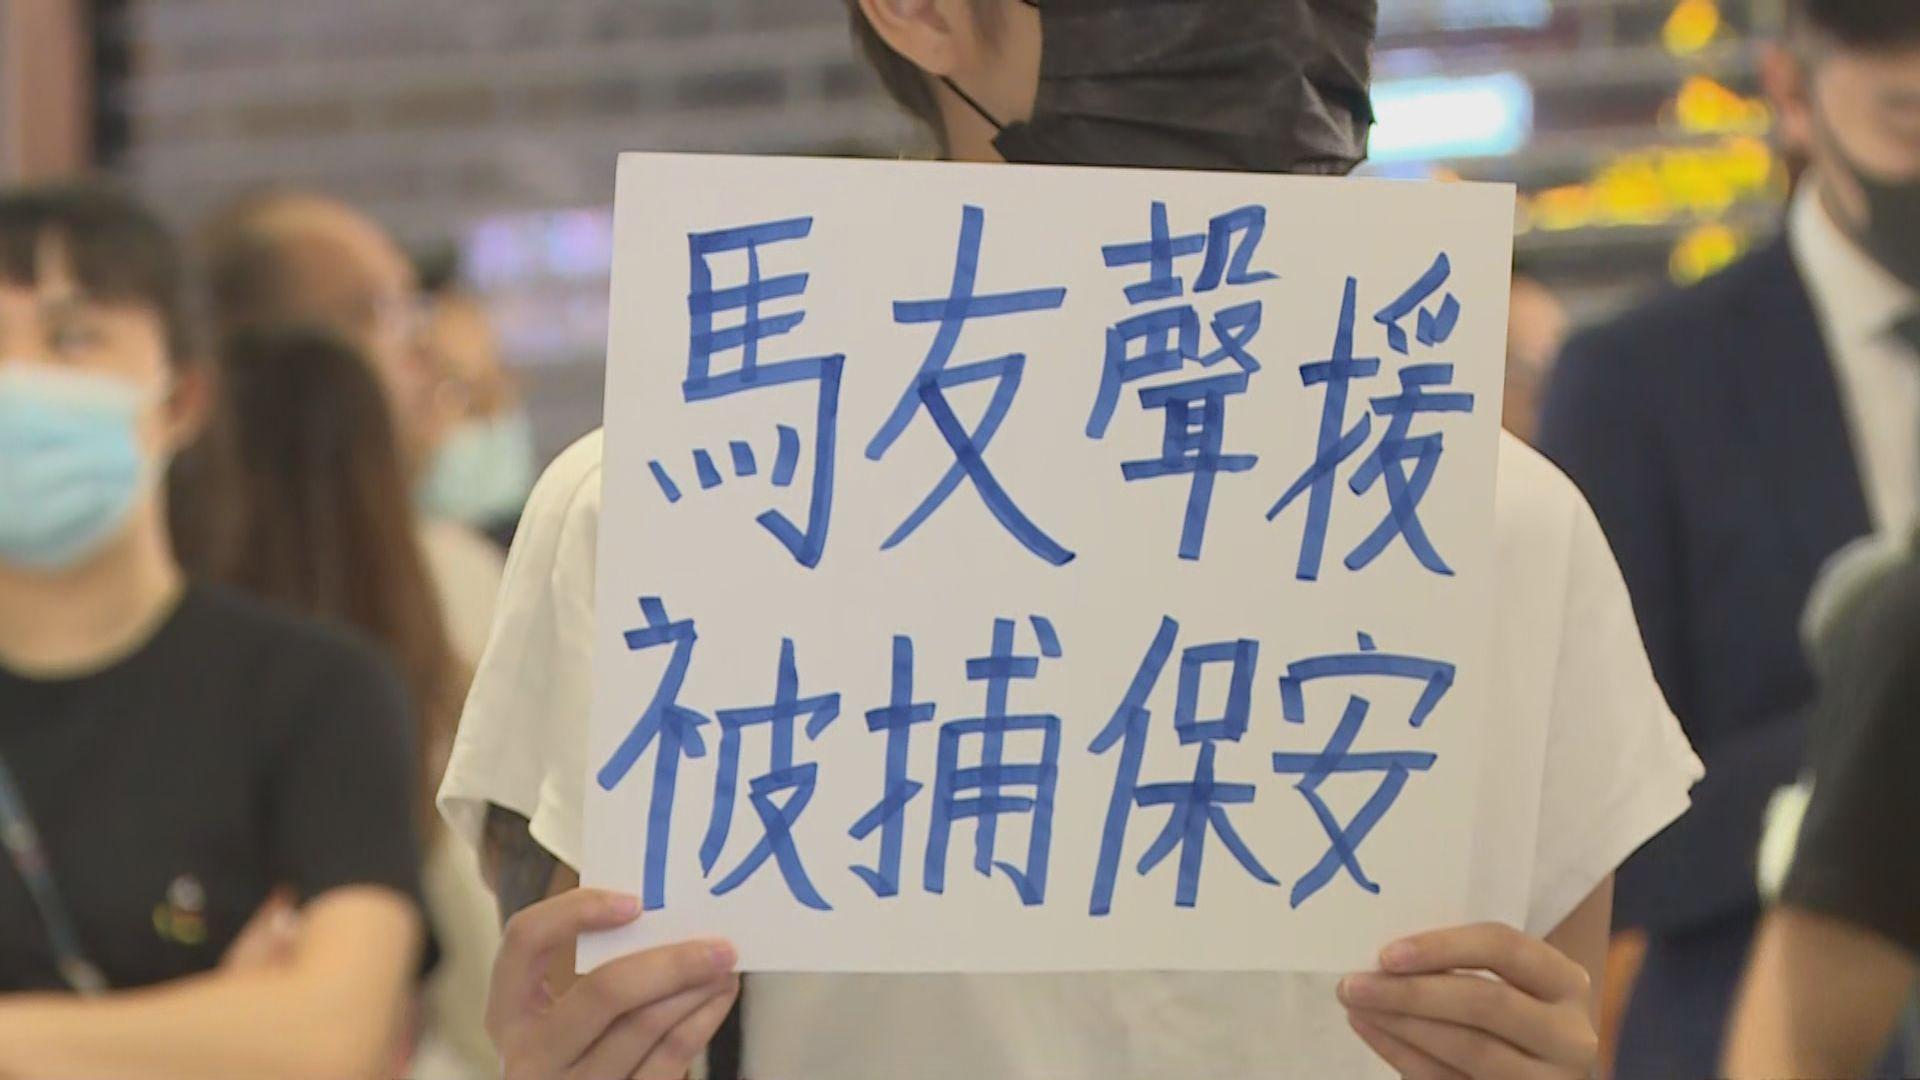 網上號召到新港城中心聲援被捕保安職員